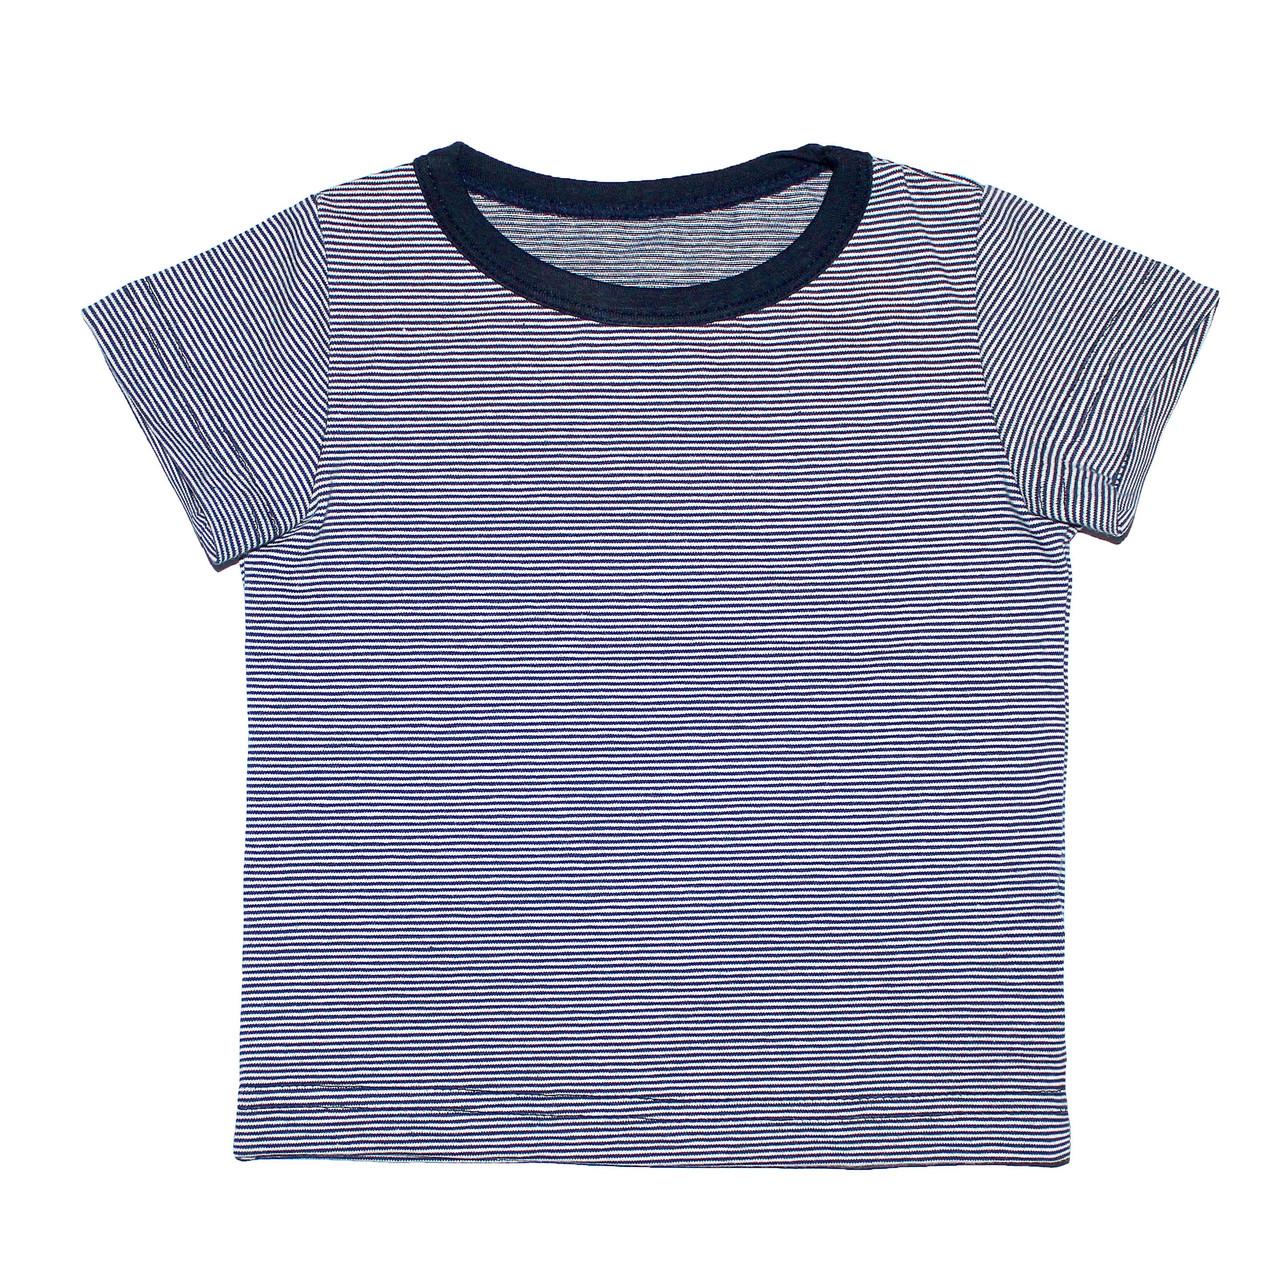 Дизайнерская футболка 6/12 мес. Andriana Kids с мелкими полосками